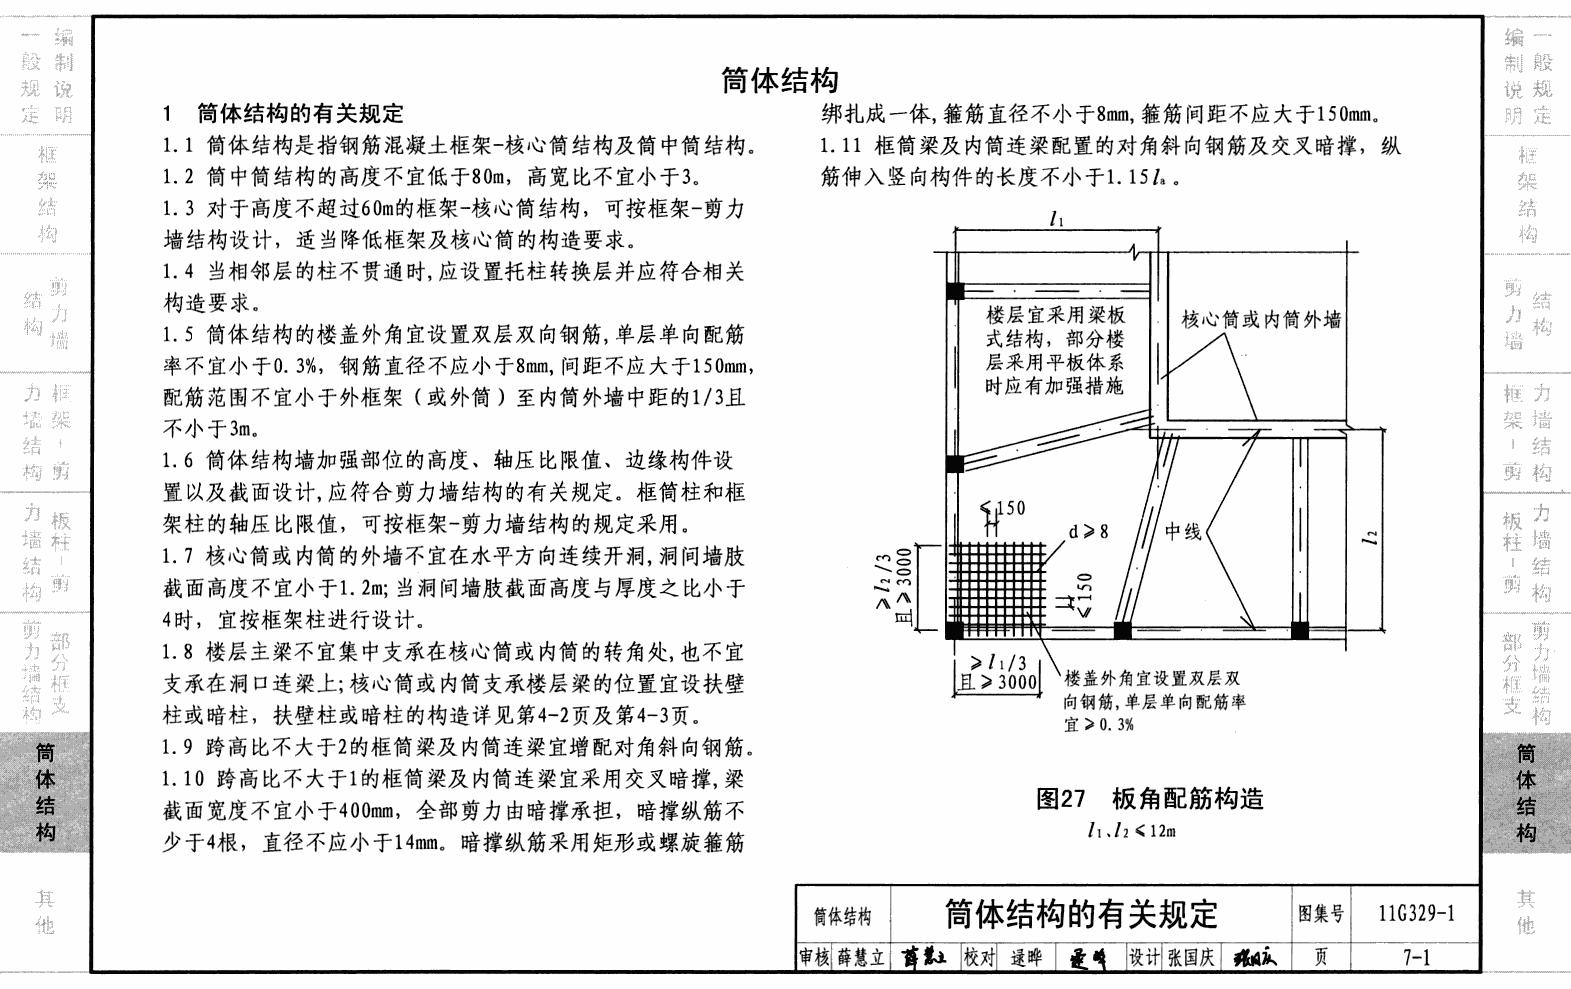 11g329-1:建筑物抗震构造详图(多层和高层钢筋混凝土